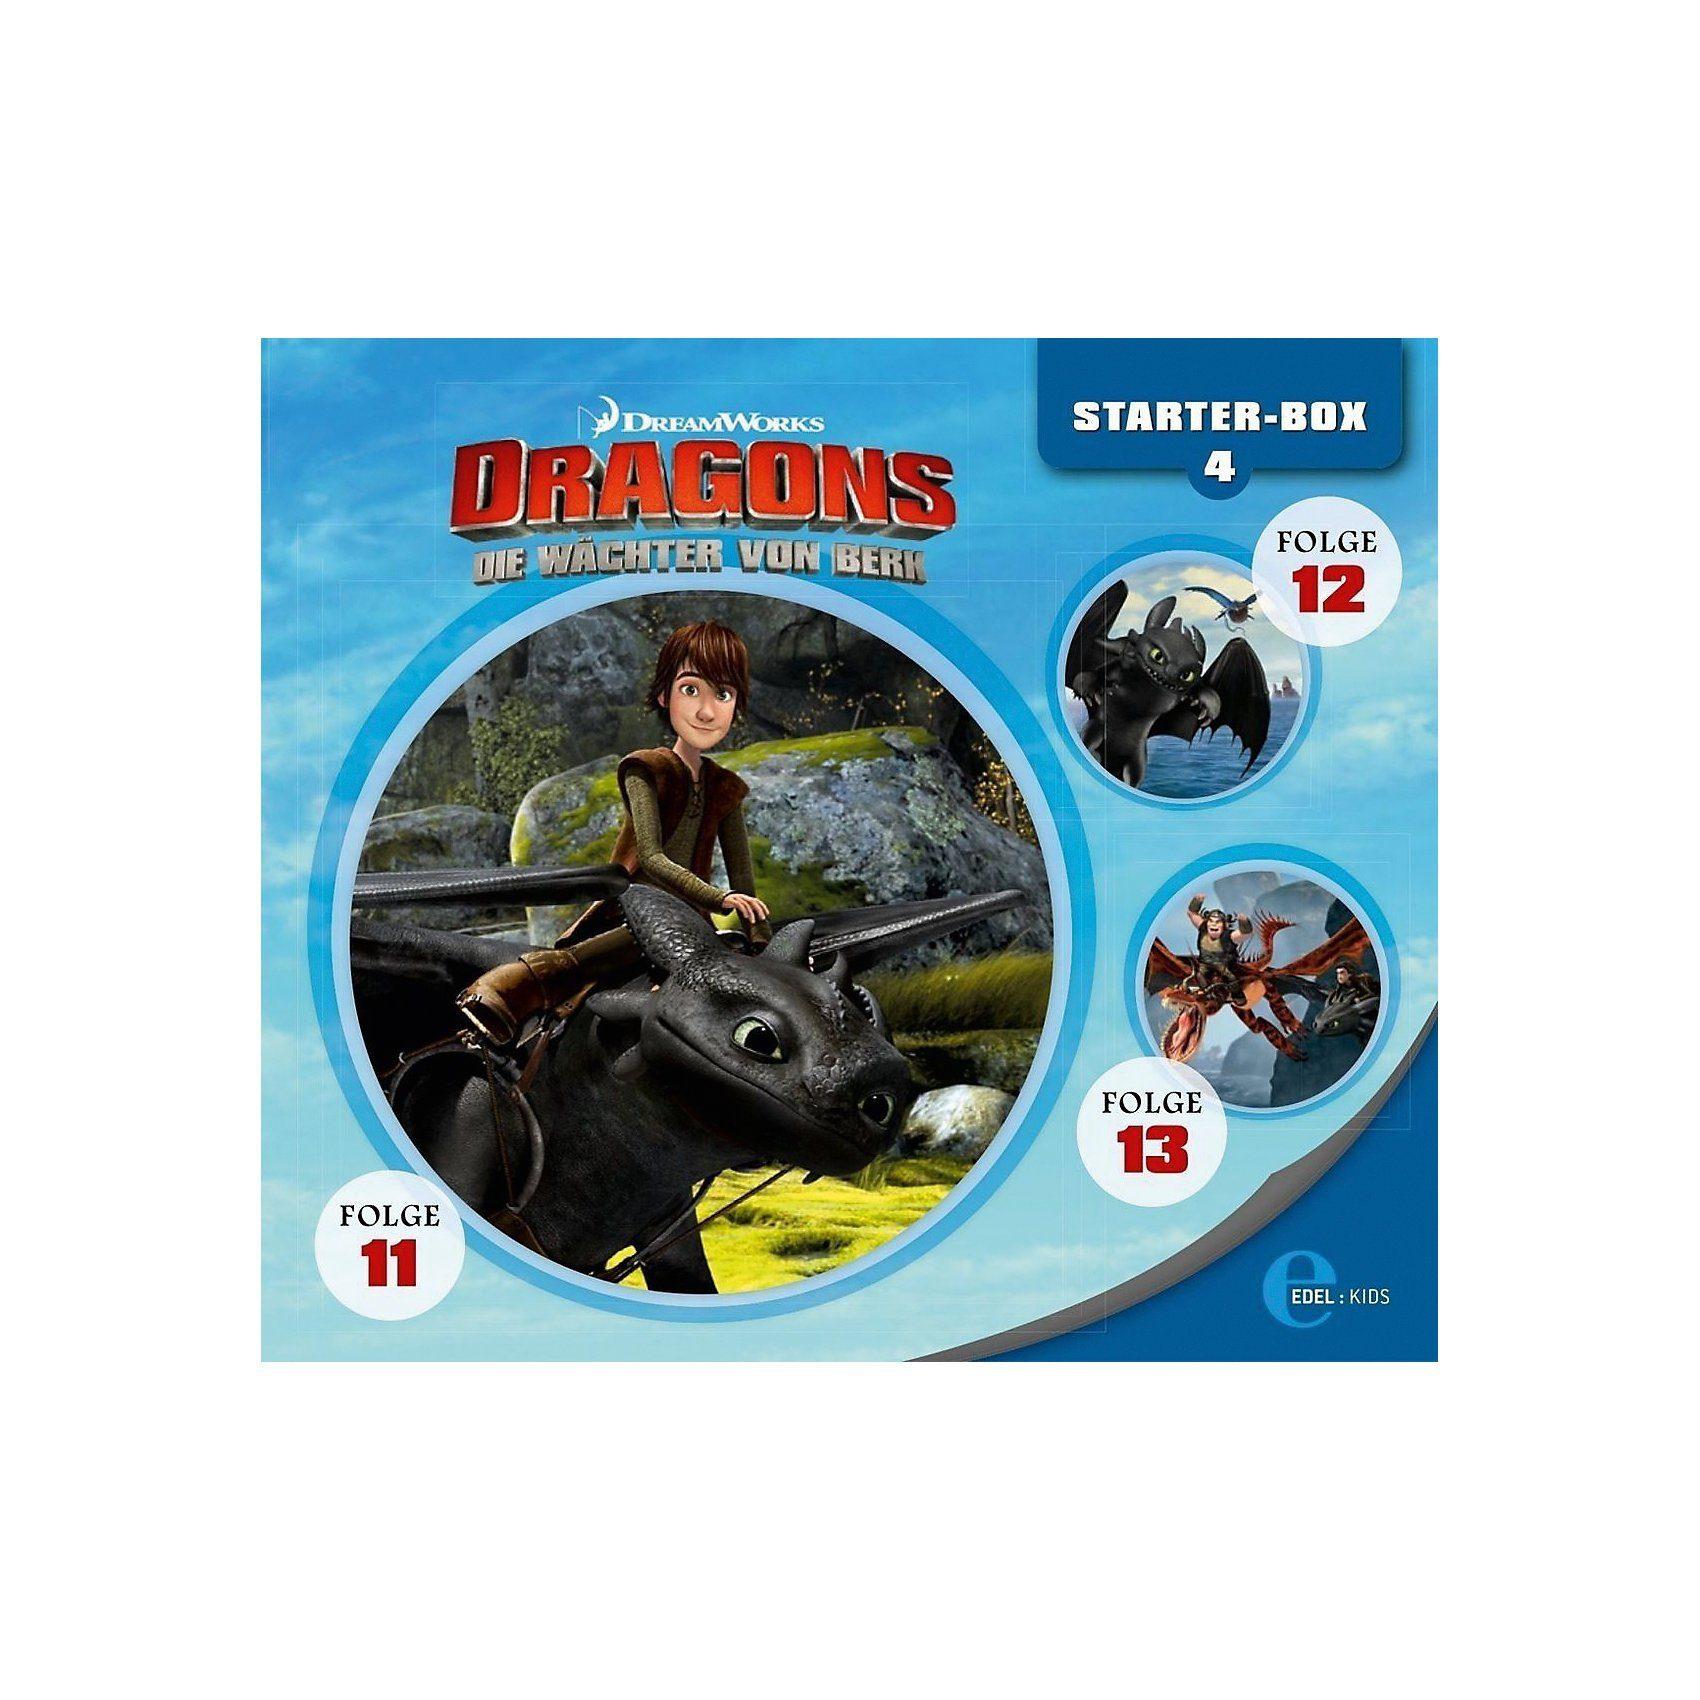 Edel CD Dragons - Die Reiter von Berk - Starter-Box 4 (Folge 11